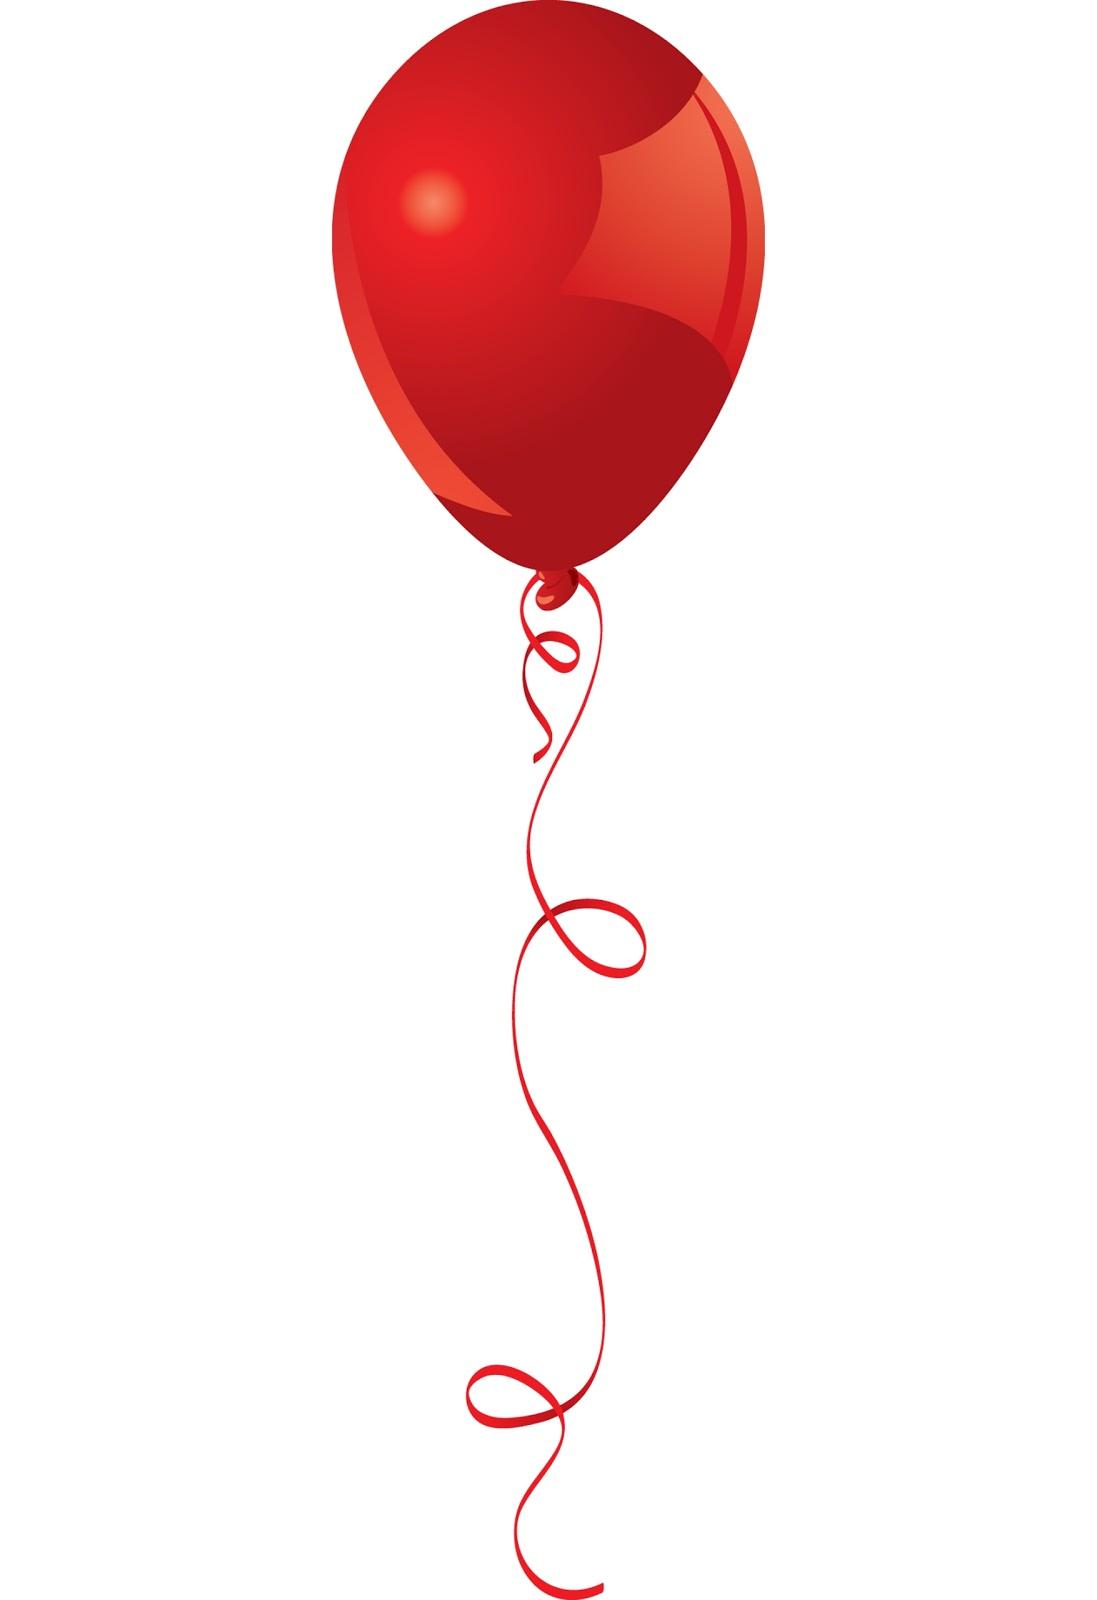 Balloon clipart string Balloon Balloon Valves Balloon String